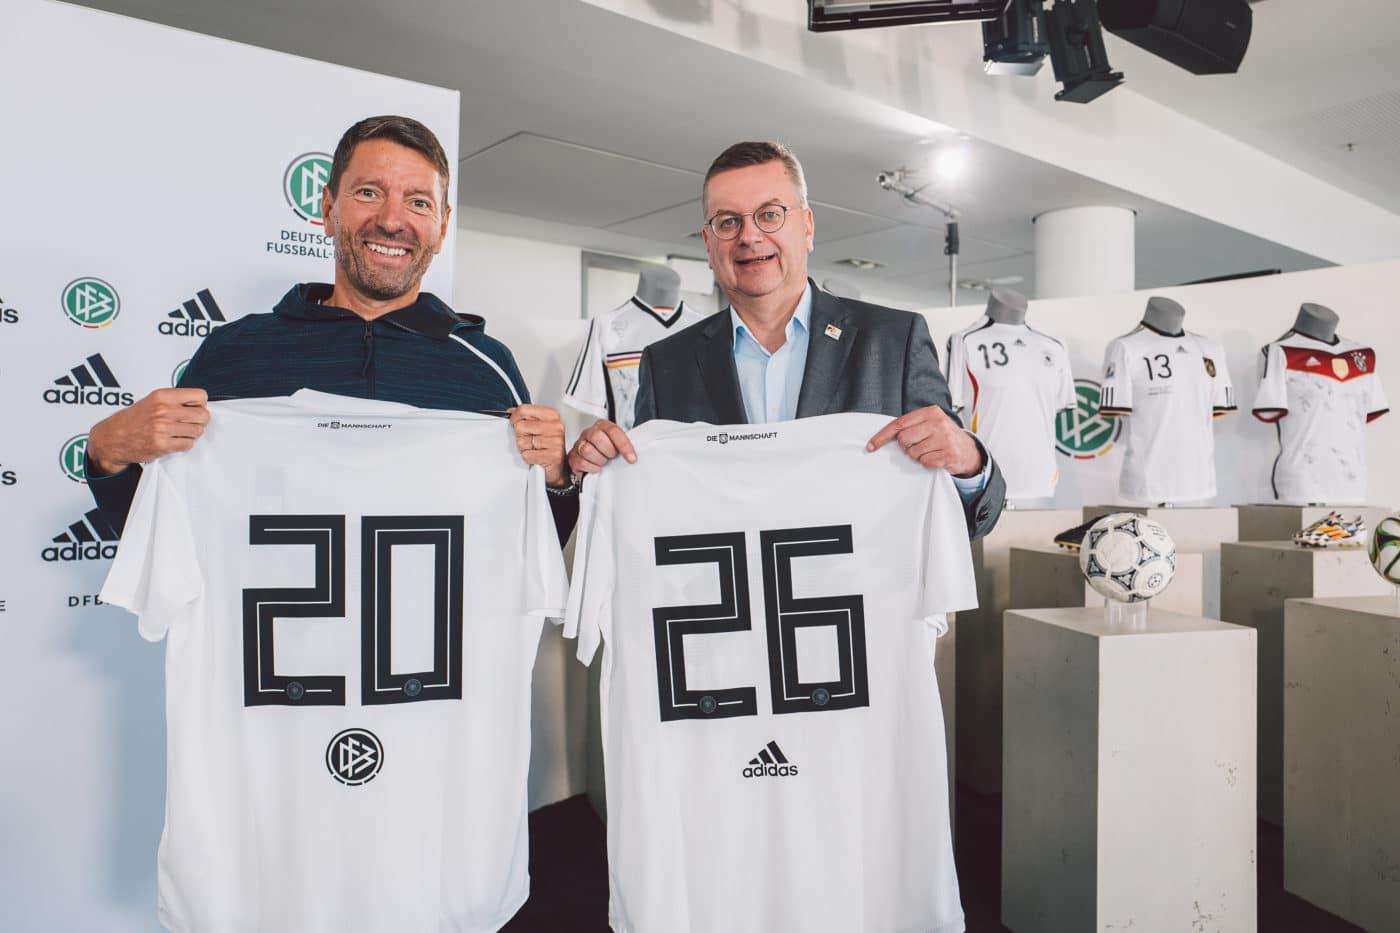 adidas bis 2026 Ausrüster des DFB